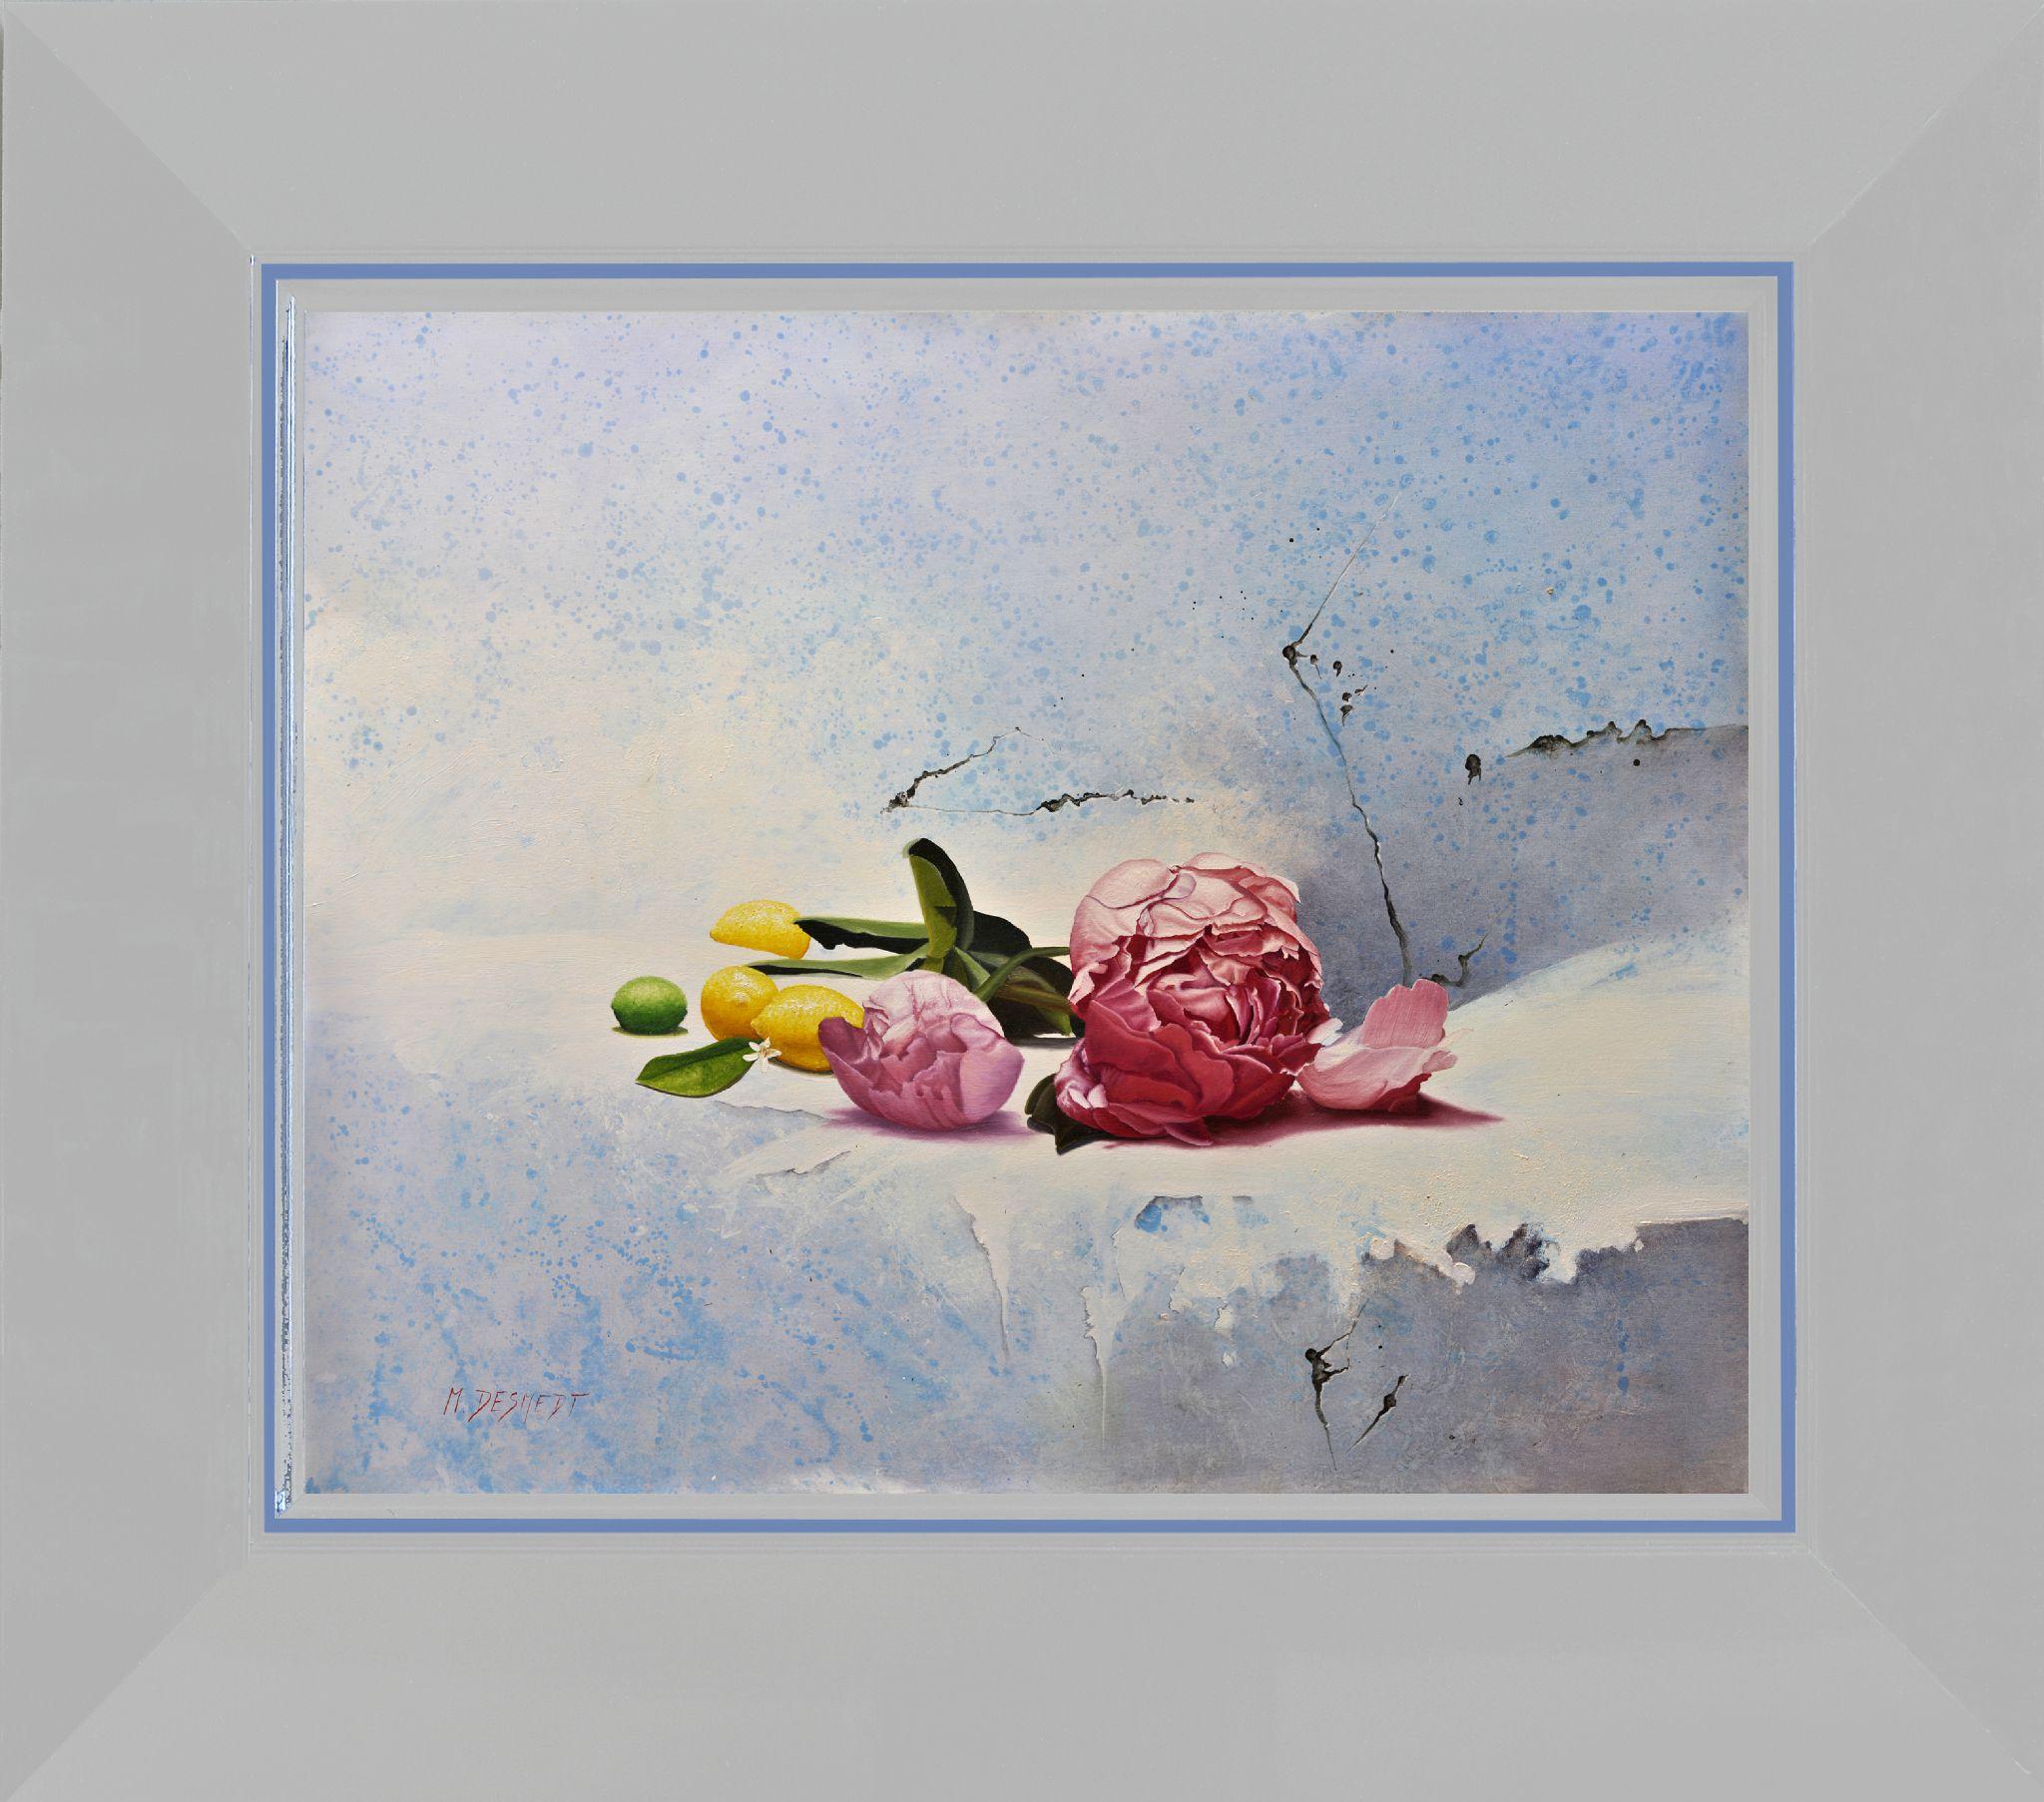 Tableaux peintures trompe l 39 oeil - Tableaux trompe l oeil ...